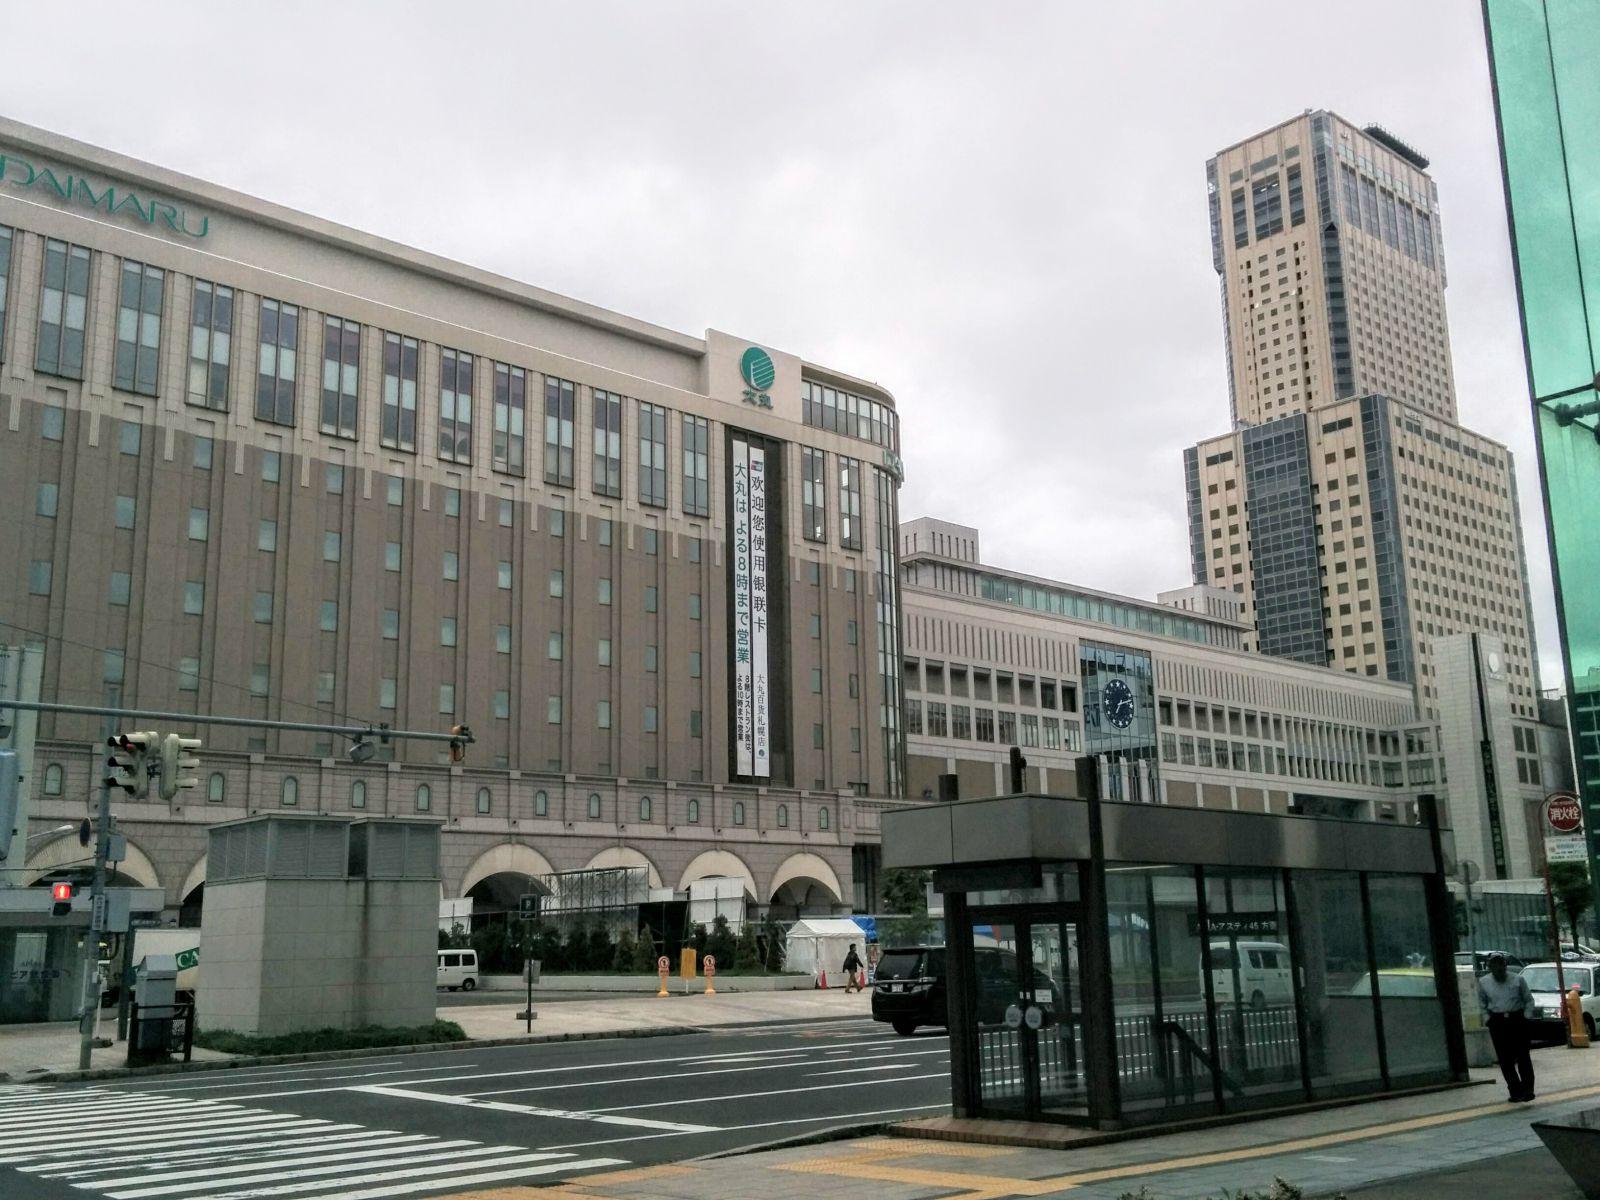 【札幌市】札幌駅周辺観光写真です。